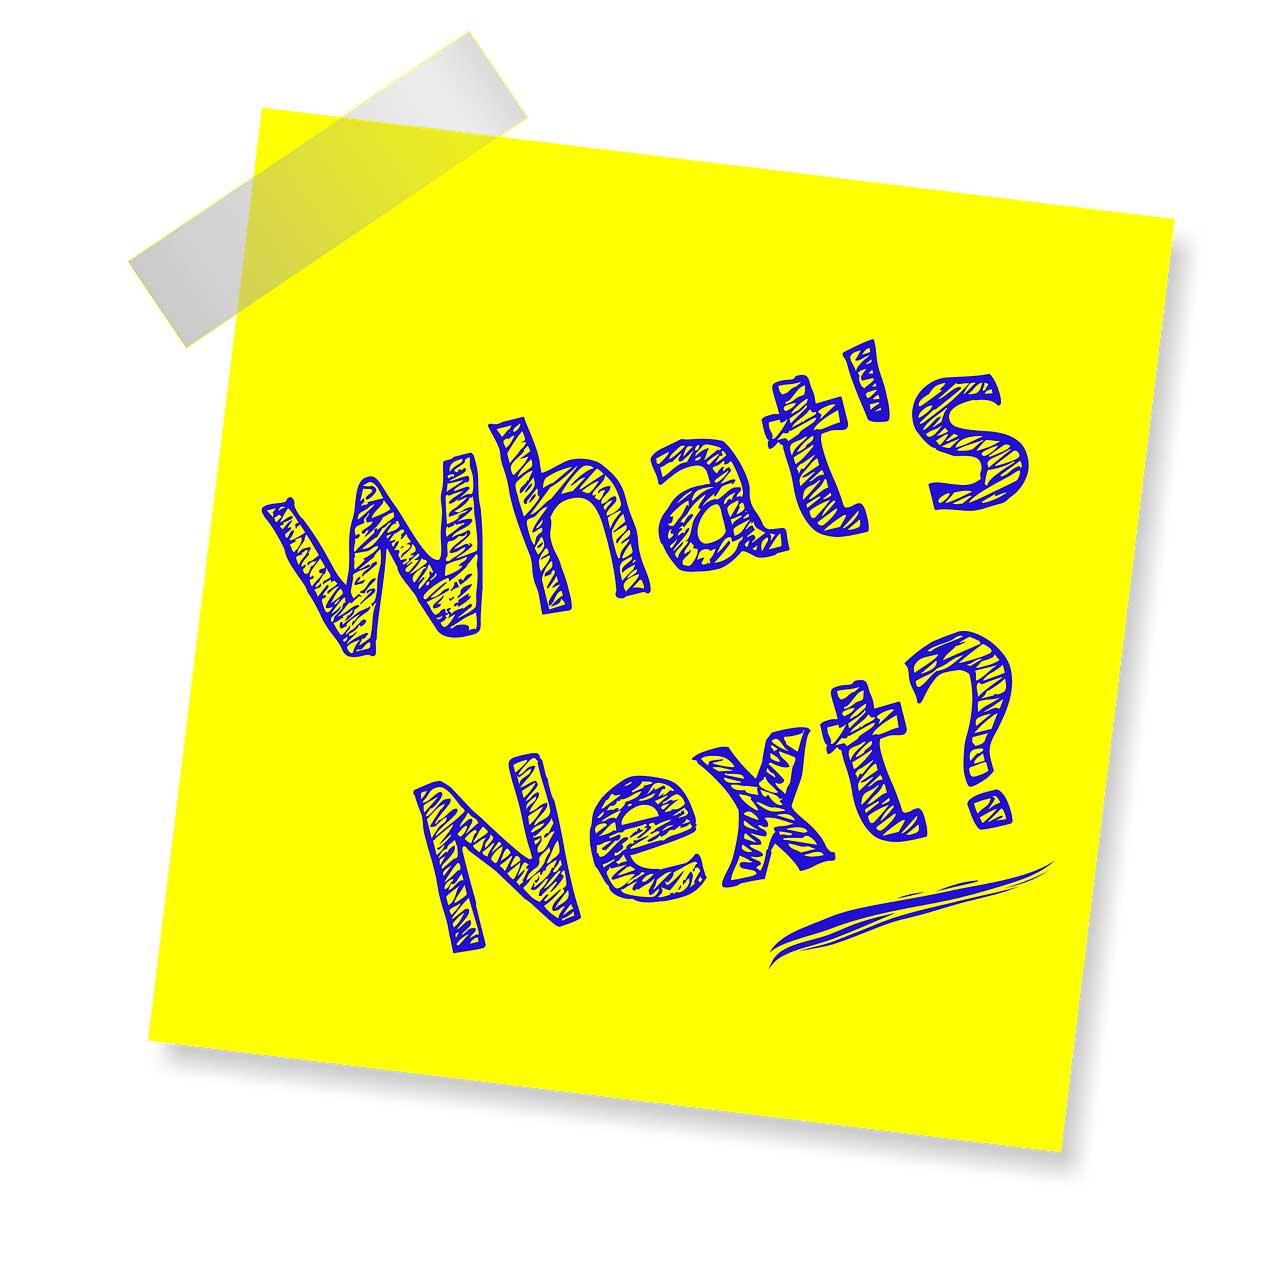 שלט שכתוב בו מה הדבר הבא?